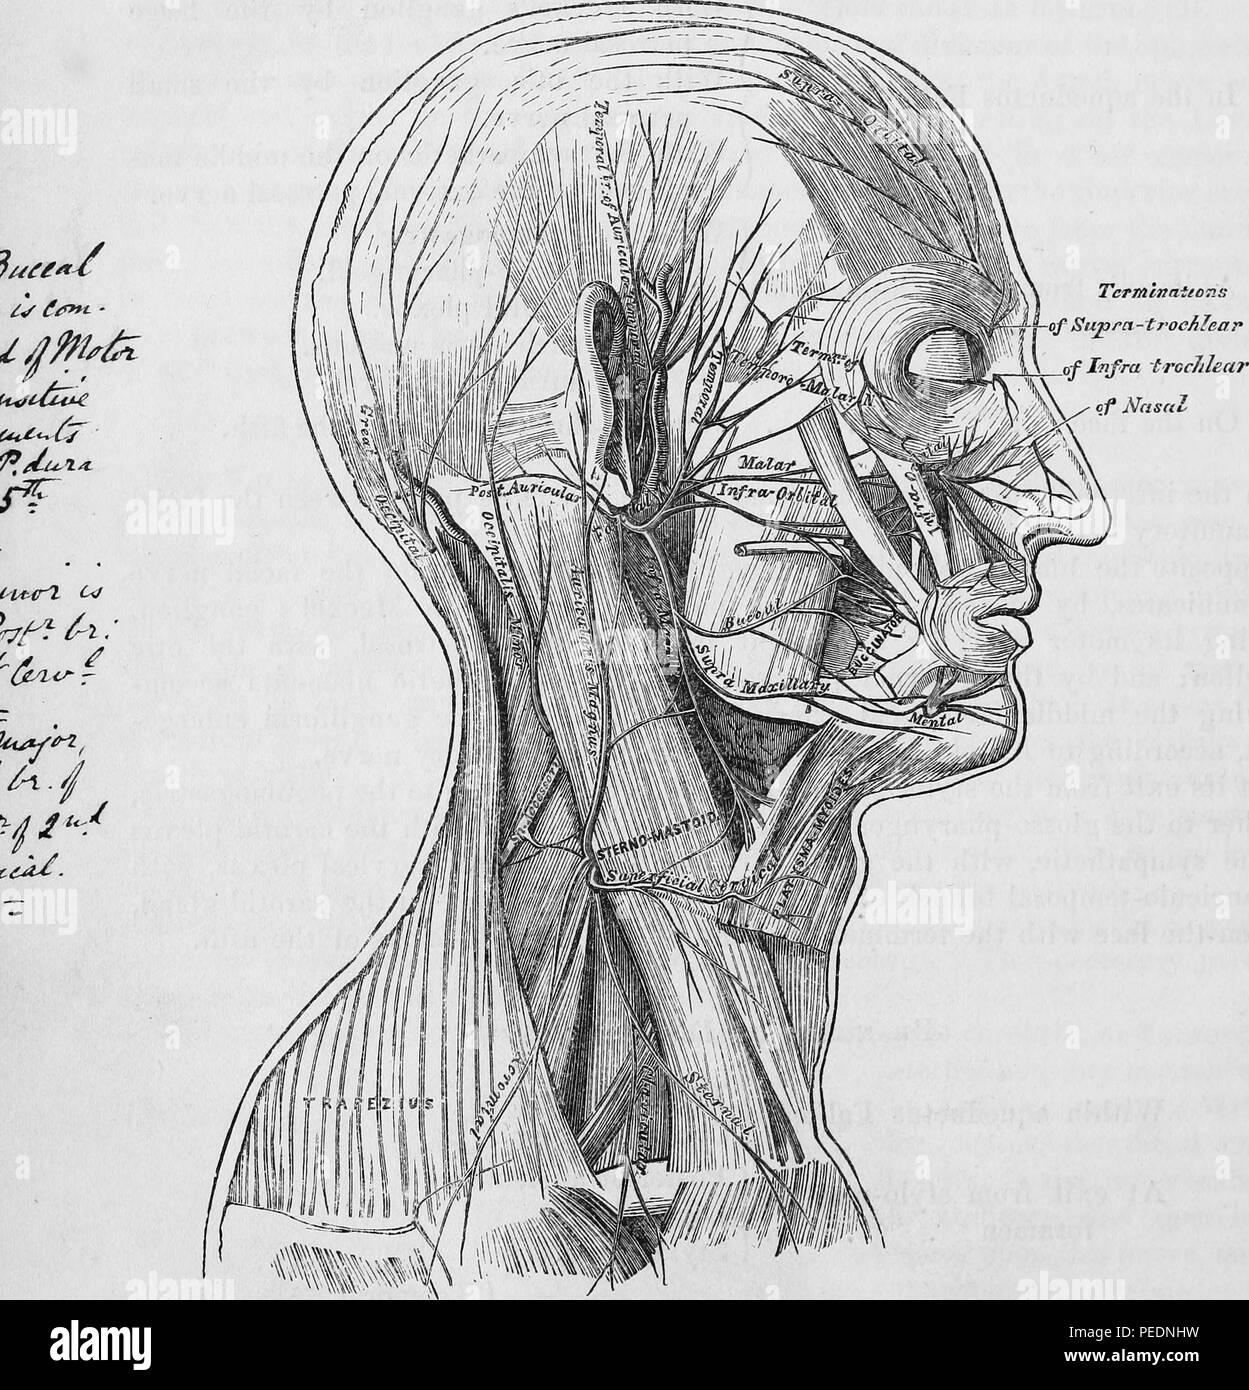 Grays Anatomy Stockfotos & Grays Anatomy Bilder - Alamy